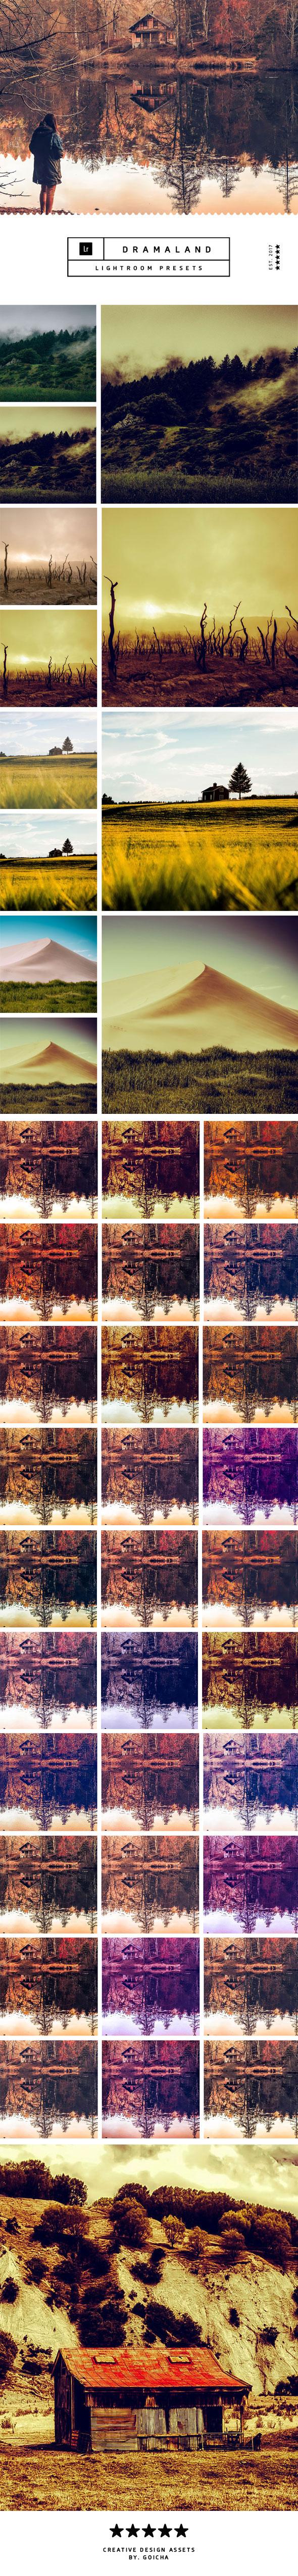 Drama Landscape Lightroom Presets - Lightroom Presets Add-ons